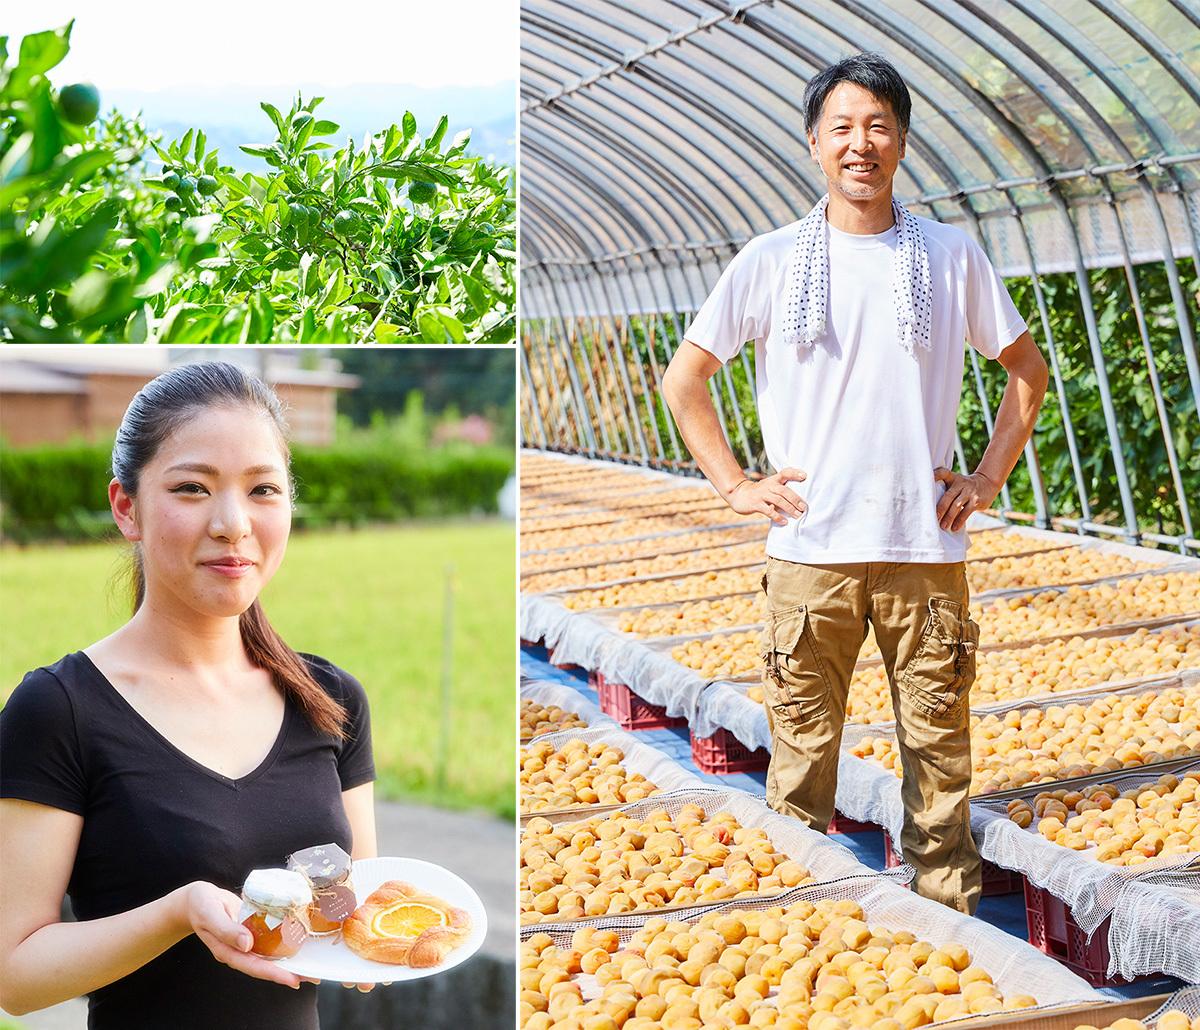 1野久保太一郎さんの『十秋園』で。梅の土用干しの真っ最中だった。2『十秋園』では30種類の柑橘を栽培。32期生で『焼きたてぱんD'oh』の代表・淺賀由貴乃さんが野久保さんの柑橘を使ってつくったコラボパン「オレンジとカスタードのデニッシュ」とマーマレード。「せっかくのコラボなのでマーマレードは店の雰囲気に合わせてつくりました」と野久保さん。